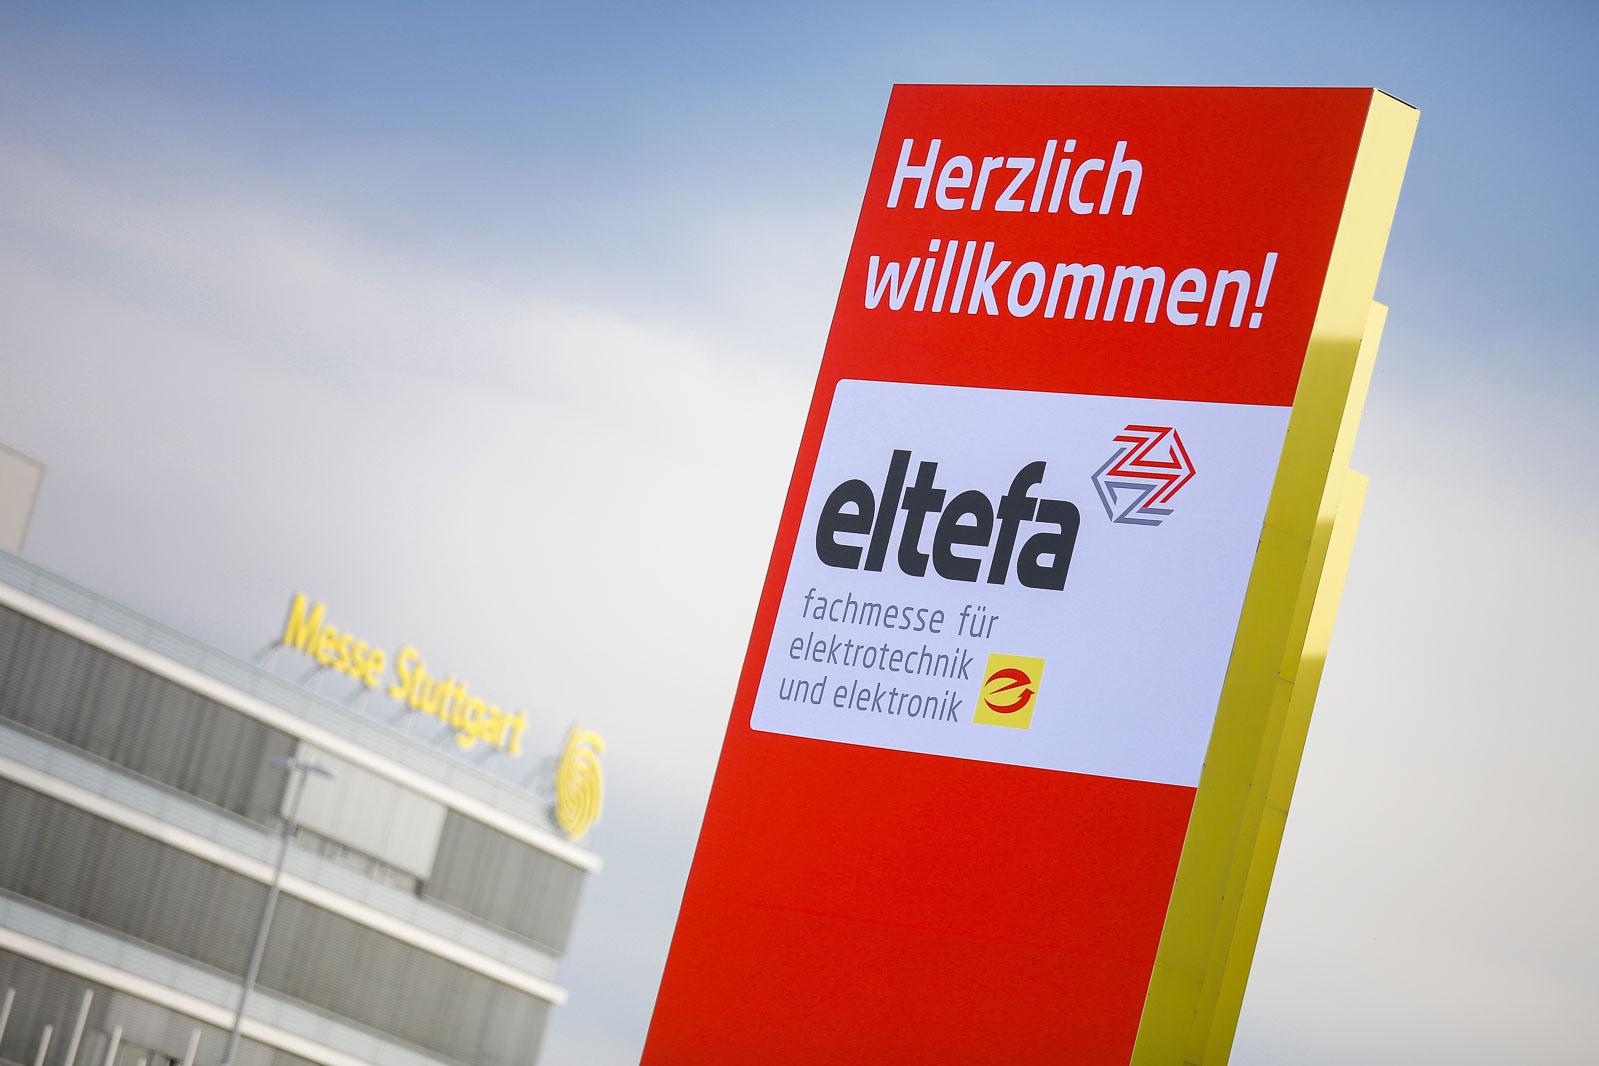 Eltefa 2017: Digitalisierung und Vernetzung im Fokus